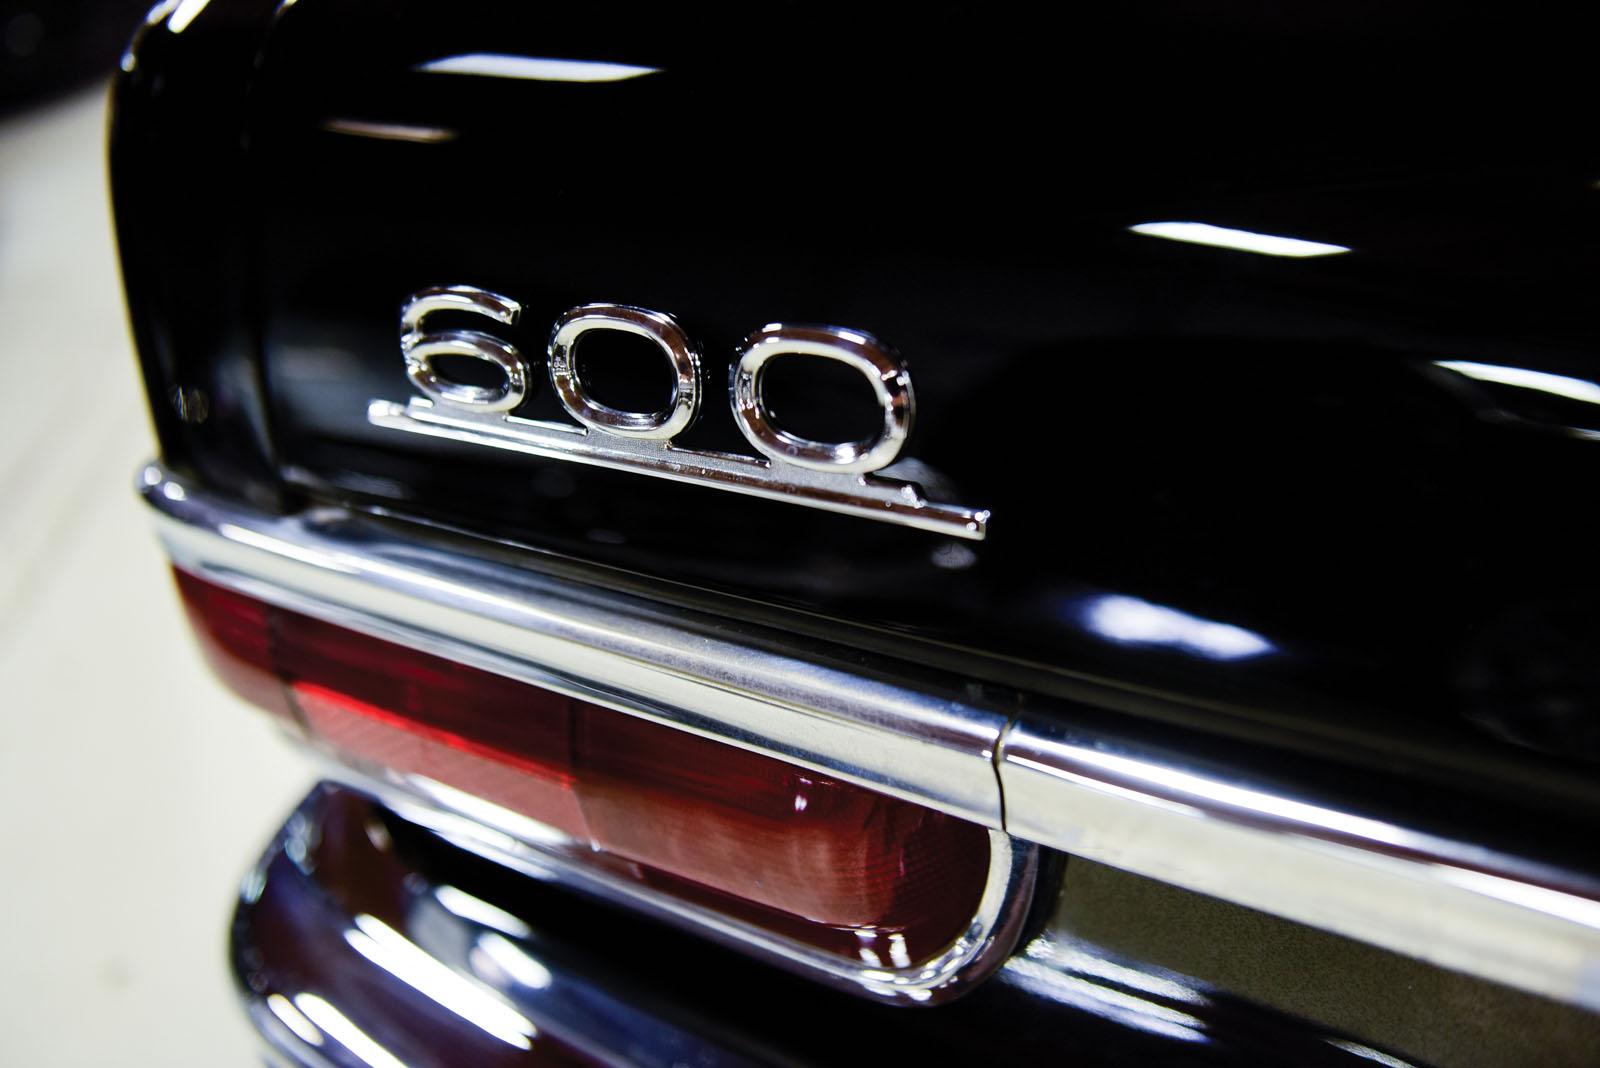 Mercedes-Benz 600 Pullman 1968 in auction (7)